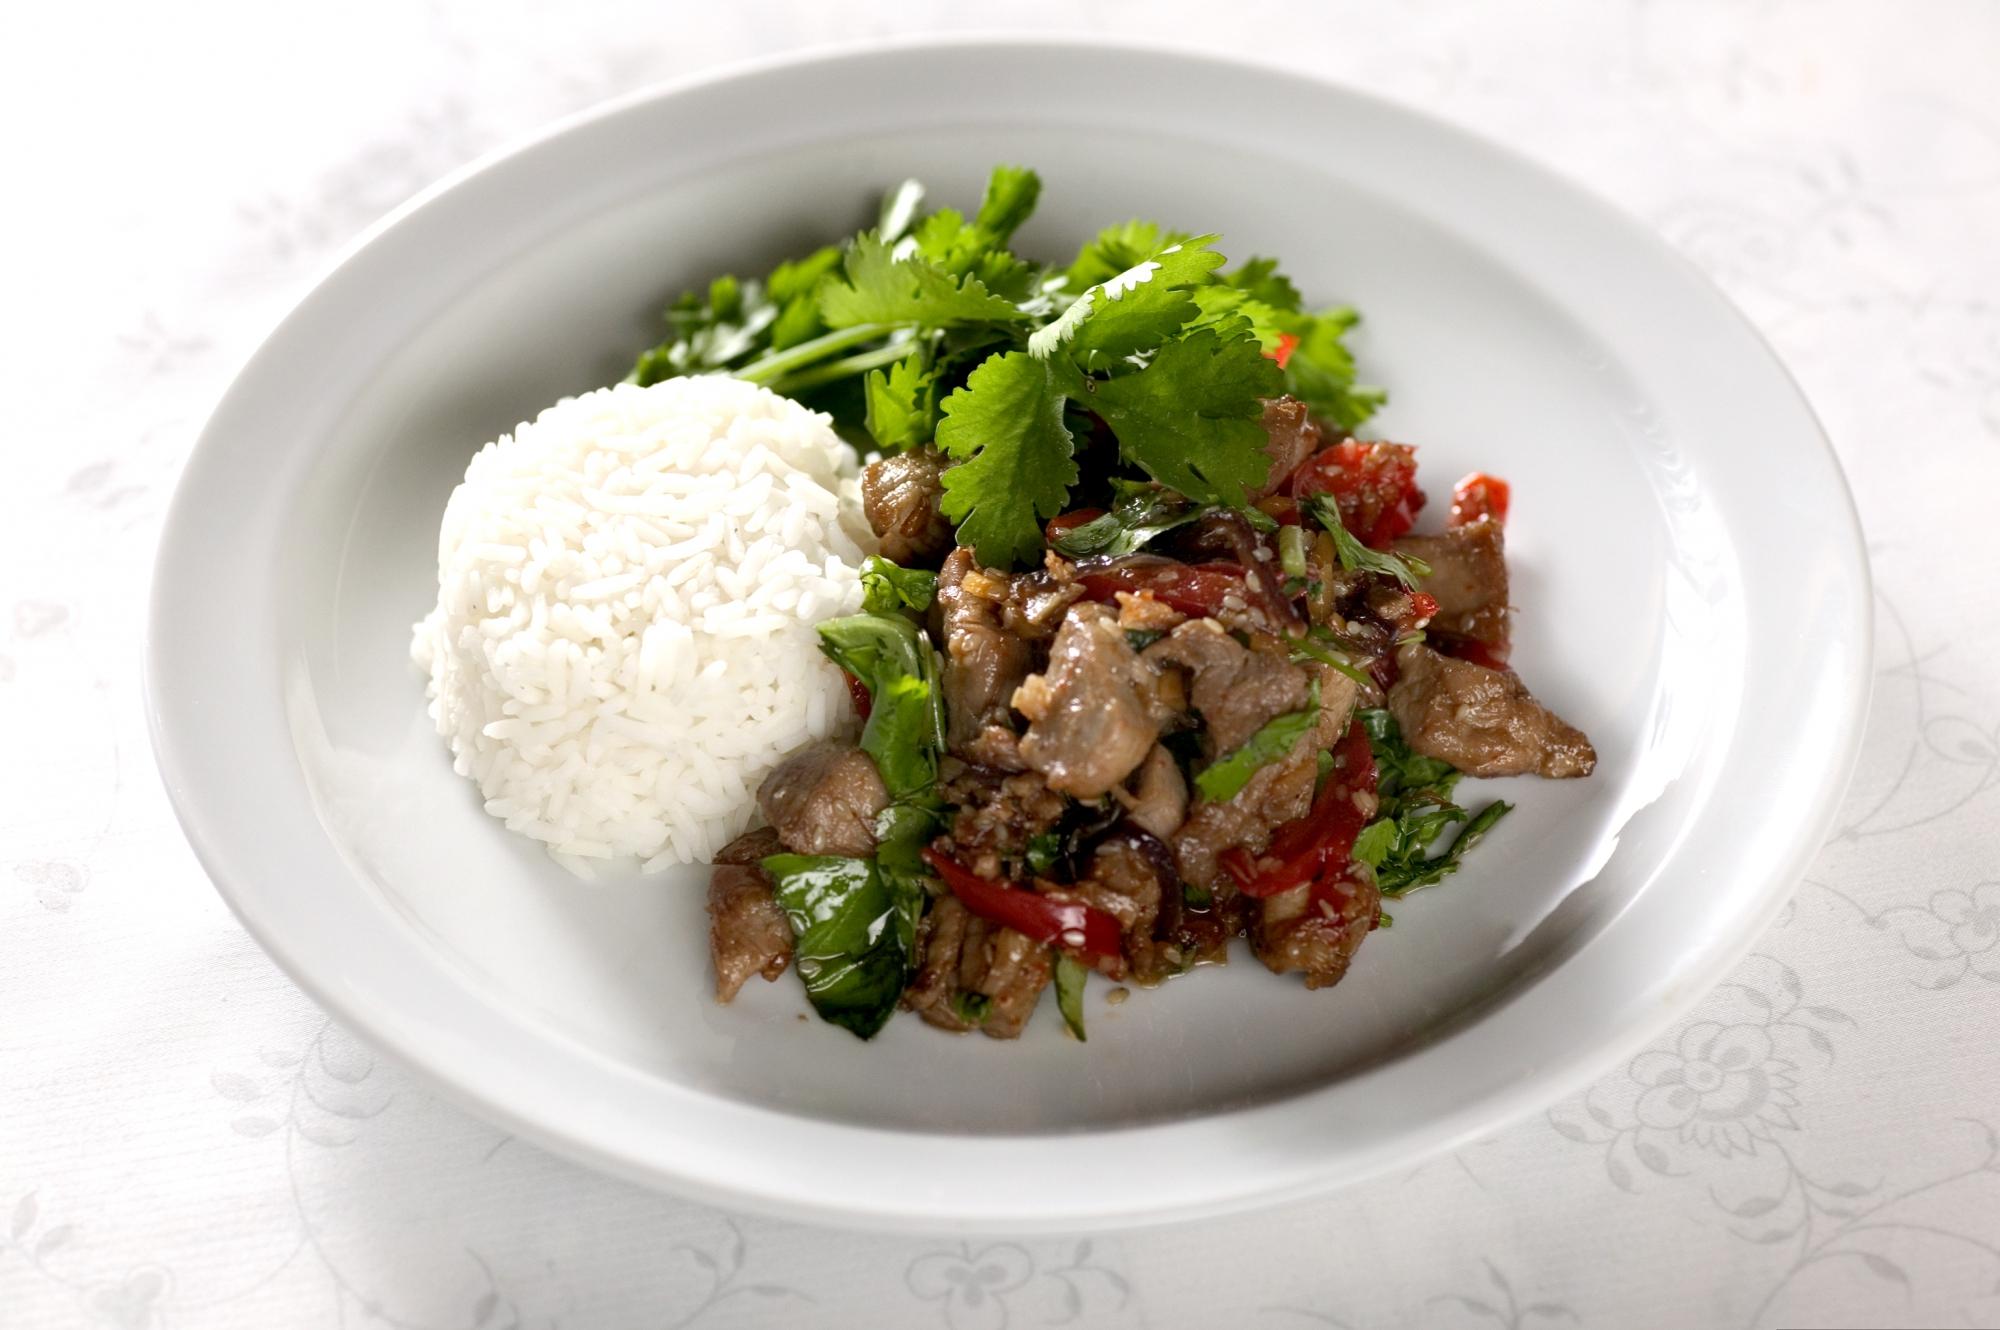 Stir-fry svinemørbrad med chili og koriander